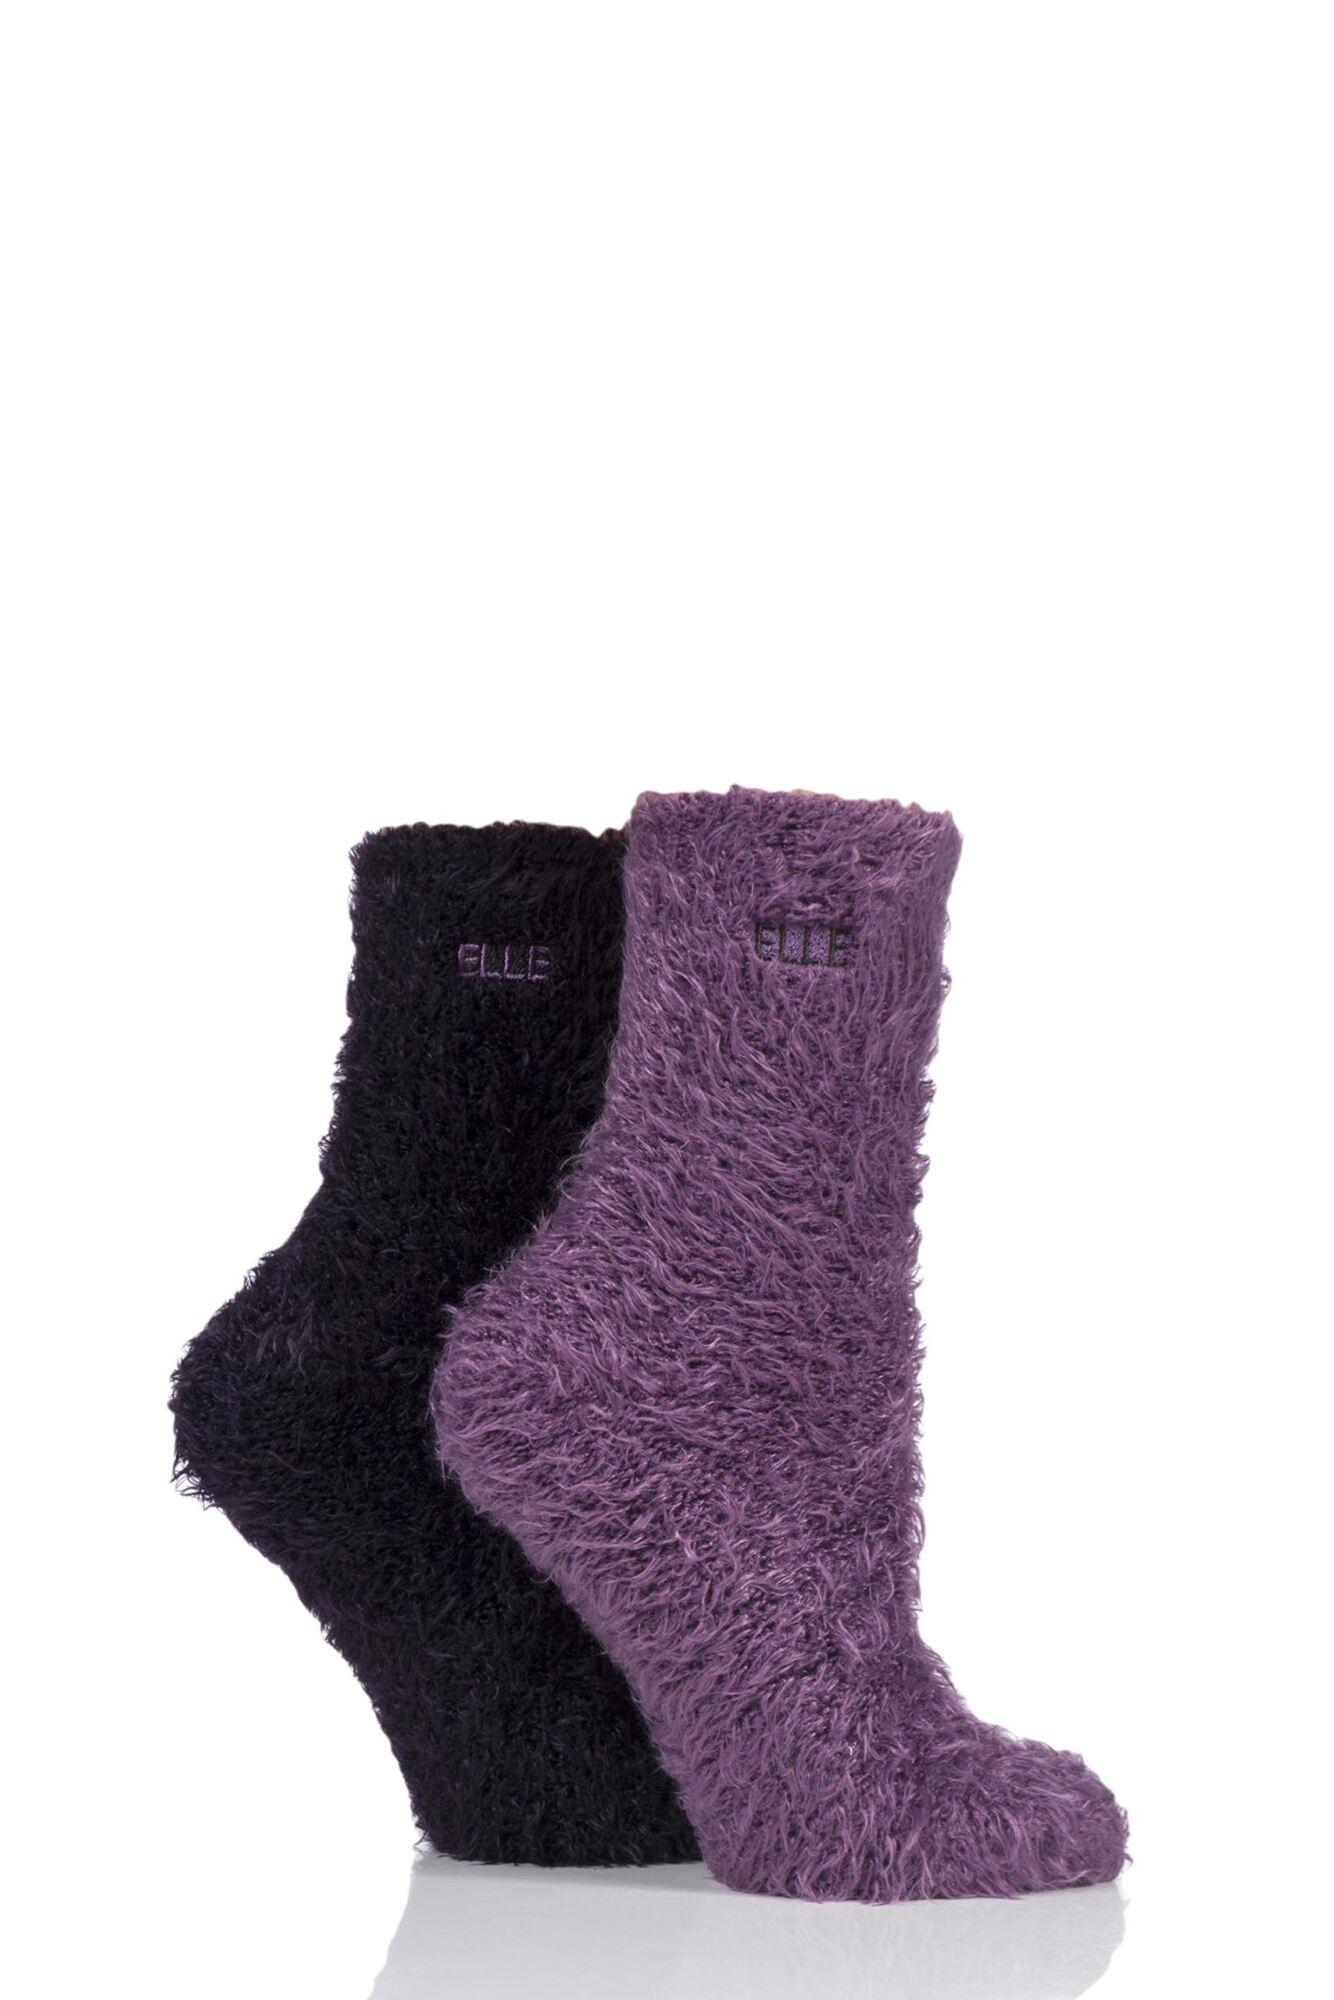 2 Pair Teddy Feather Bed Socks Ladies - Elle